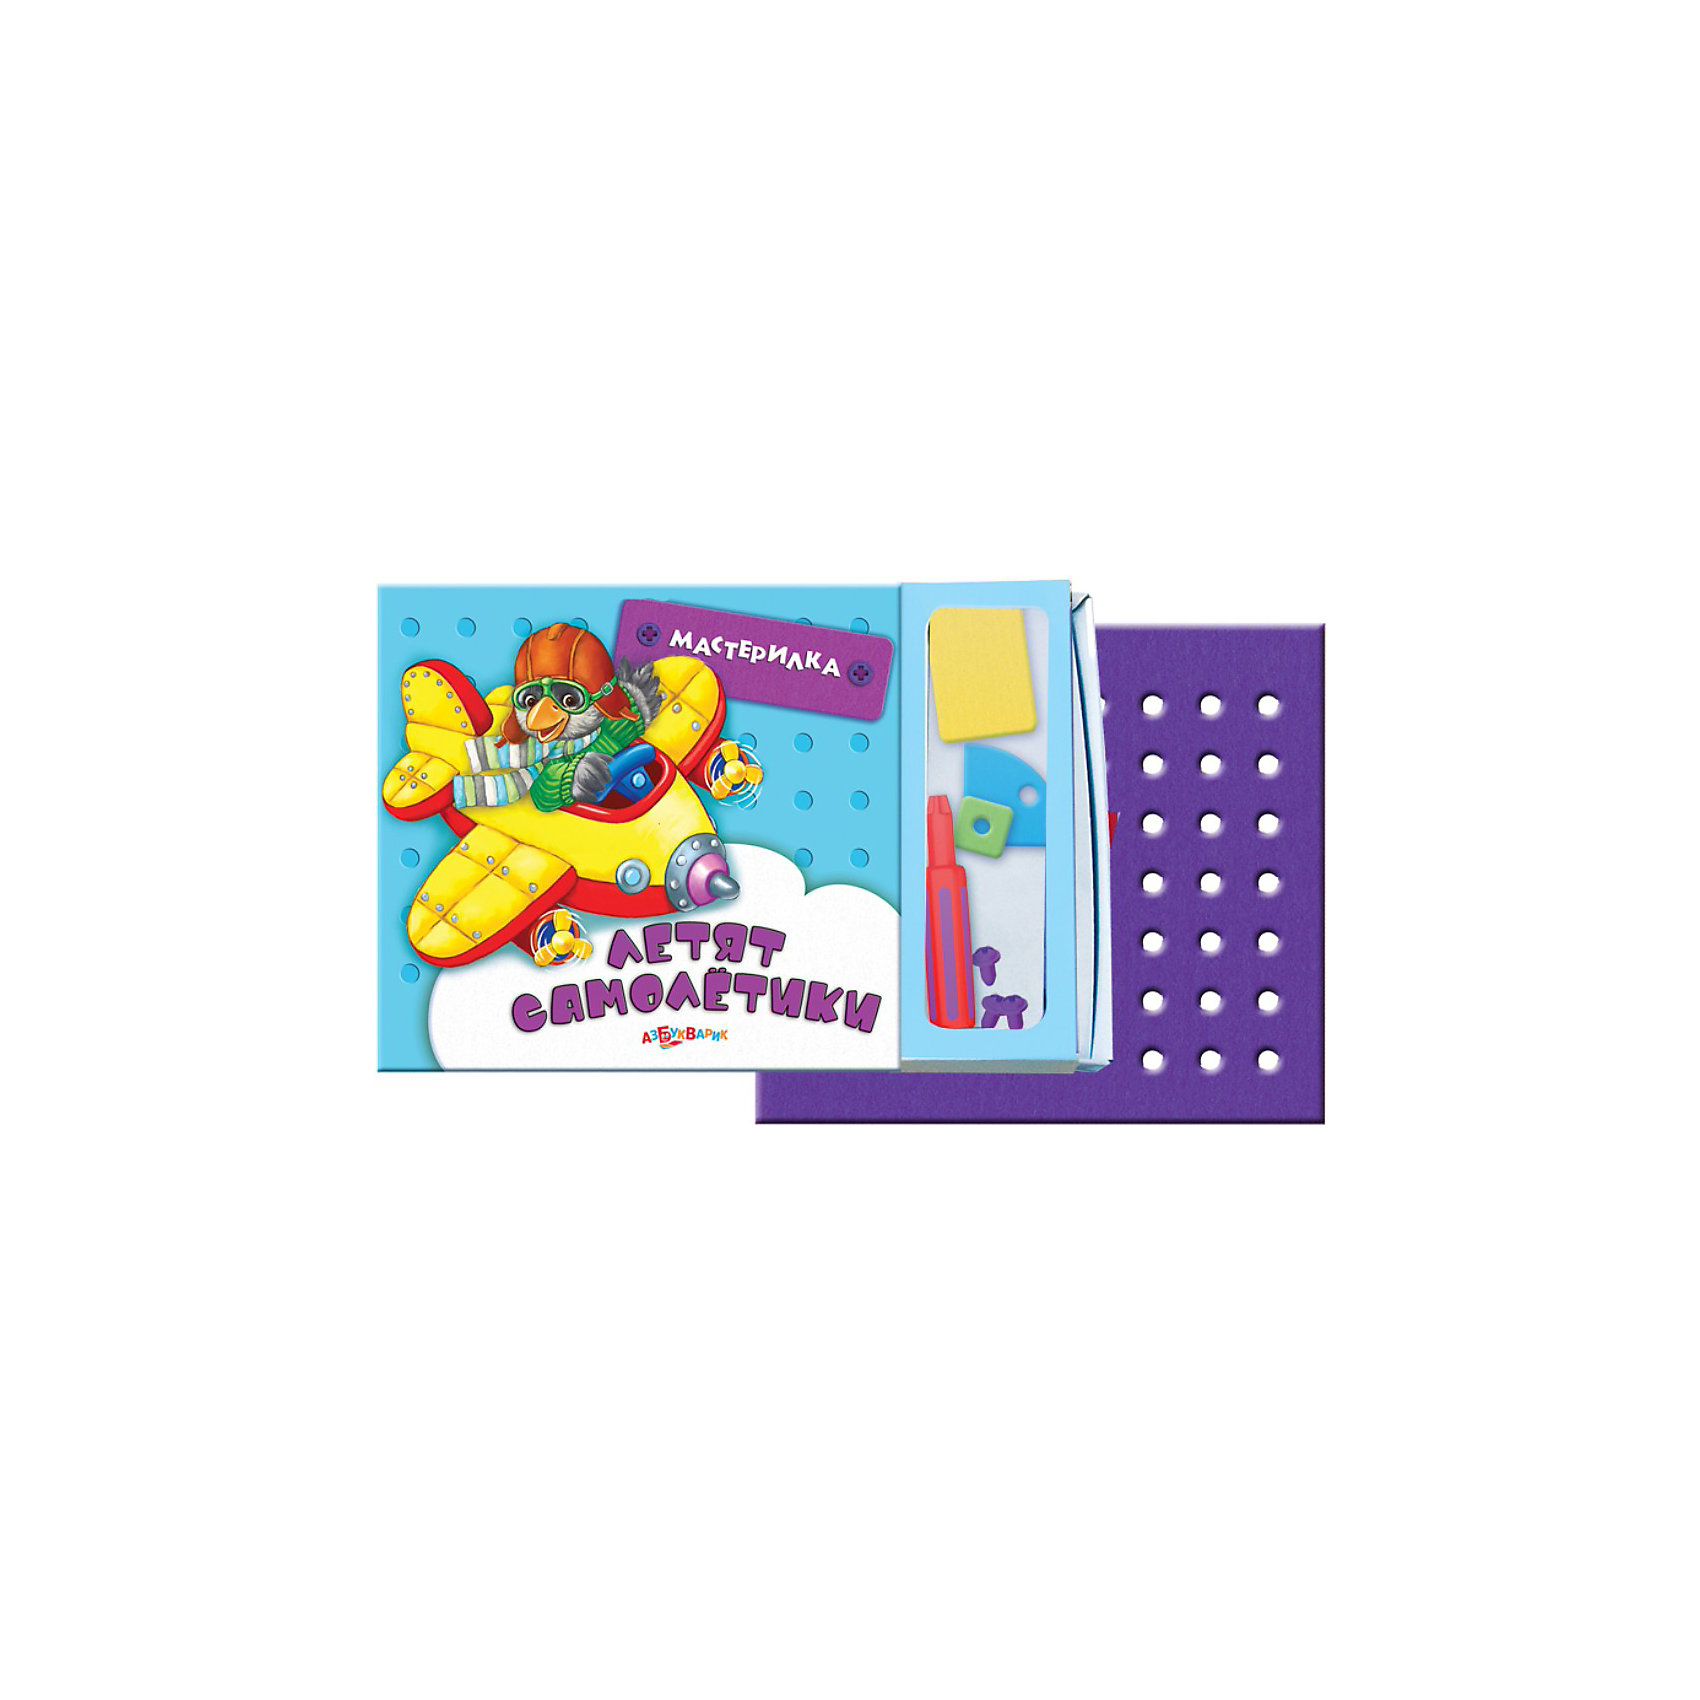 Книга с конструктором Летят самолётикиКартонная книга со встроенной коробкой, в которой располагаются пластиковые инструменты, игровое поле и конструктор из мягкого материала. Эти книжки для малышей, которые любят мастерить! Теперь у них будет свой чудо-конструктор, а ещё отвертка и шурупчики - совсем как у папы! Из мягких разноцветных деталей можно сделать гоночную машину, парусник, воздушный шар и много других машин.<br><br>В набор входит:<br>-20 мягких разноцветных деталей;<br>-15 шурупчиков;<br>-отвертка. <br><br>Дополнительная информация:<br><br>-Автор: Н. Сысой, В. Зубкова<br>-Иллюстратор: Ольга Чекурина<br>-Составитель: Наталья Сысой<br>-Серия: Мастерилка<br>-Картонная книга с игровыми компонентами <br>-Формат:  260х170 мм.<br>-Переплет: Картон<br>-Кол-во страниц: 10 карт.стр..<br>-Год издания: 2012<br><br>Азбукварик Летят Самолетики. Серия «Мастерилка» можно купить в нашем интернет-магазине.<br><br>Ширина мм: 260<br>Глубина мм: 170<br>Высота мм: 20<br>Вес г: 425<br>Возраст от месяцев: 36<br>Возраст до месяцев: 72<br>Пол: Мужской<br>Возраст: Детский<br>SKU: 2431135